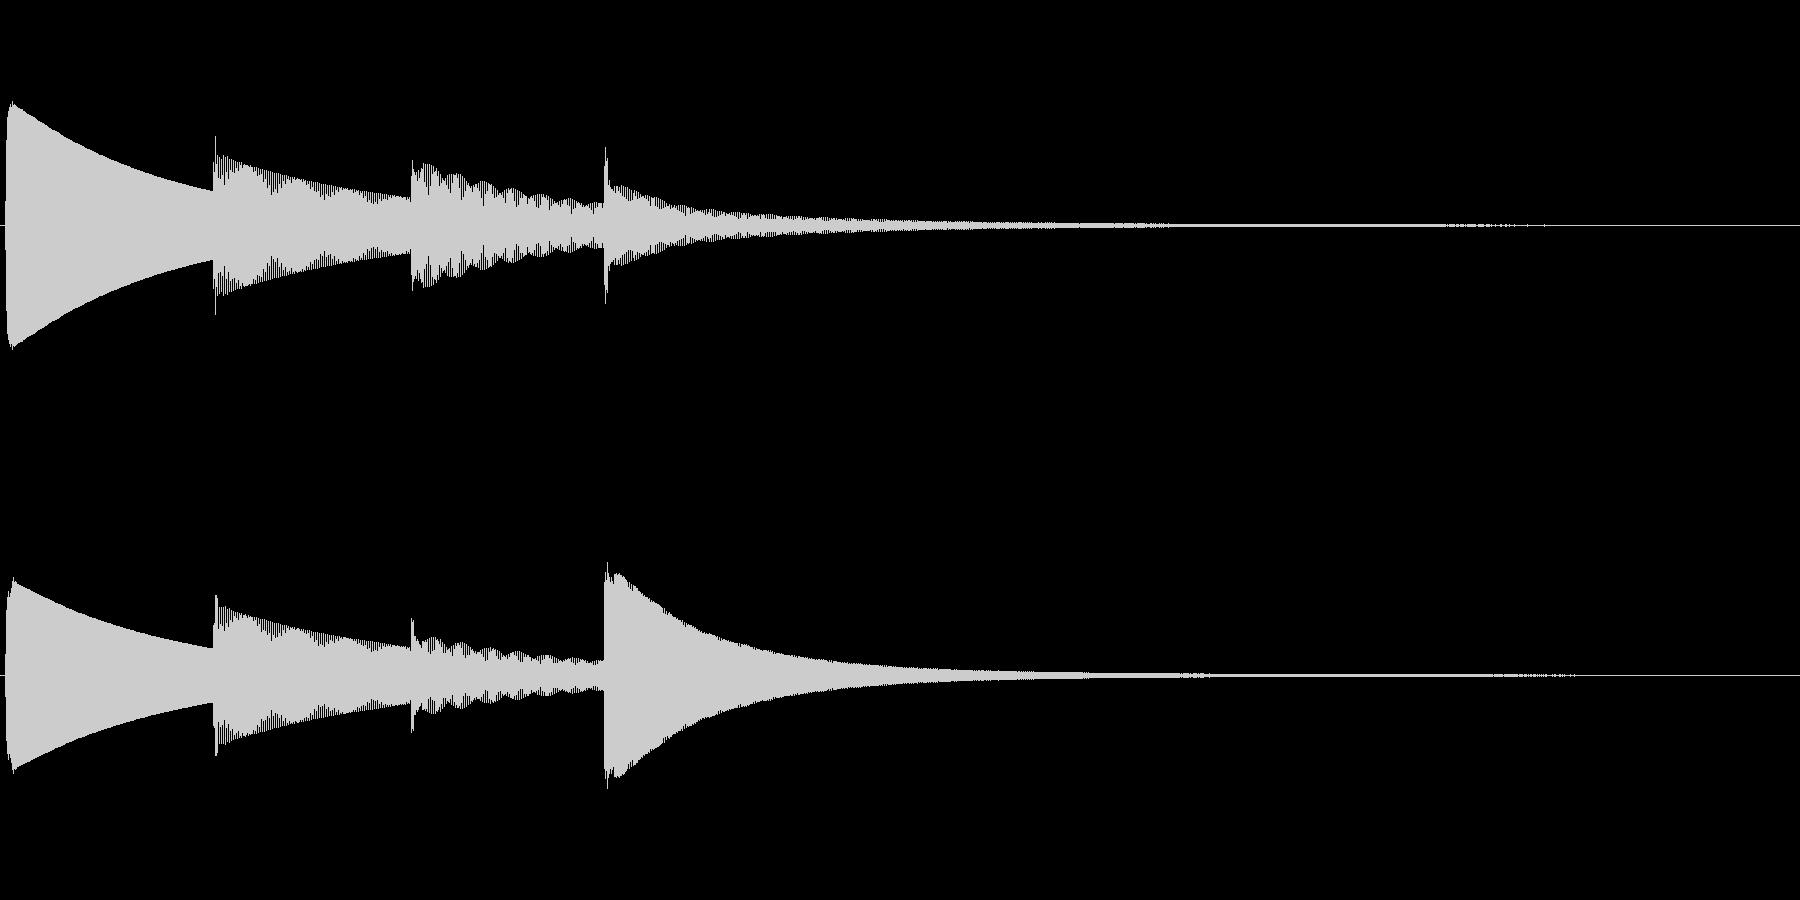 ピンポンパンポン(上昇)お知らせチャイムの未再生の波形